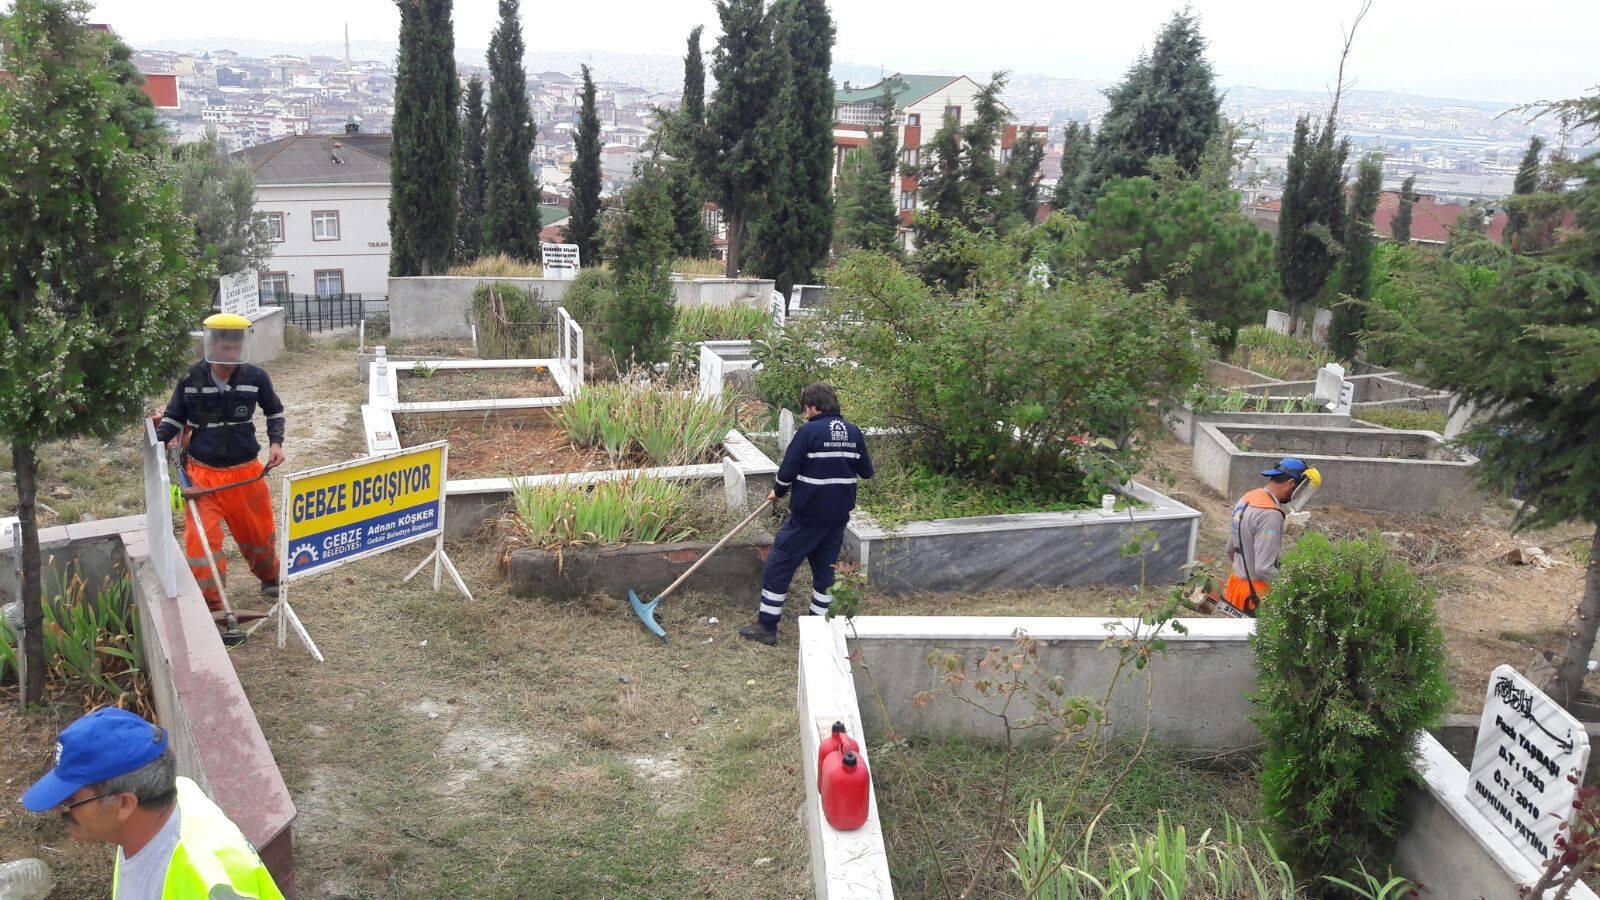 Mezarlıklarda hummalı çalışma